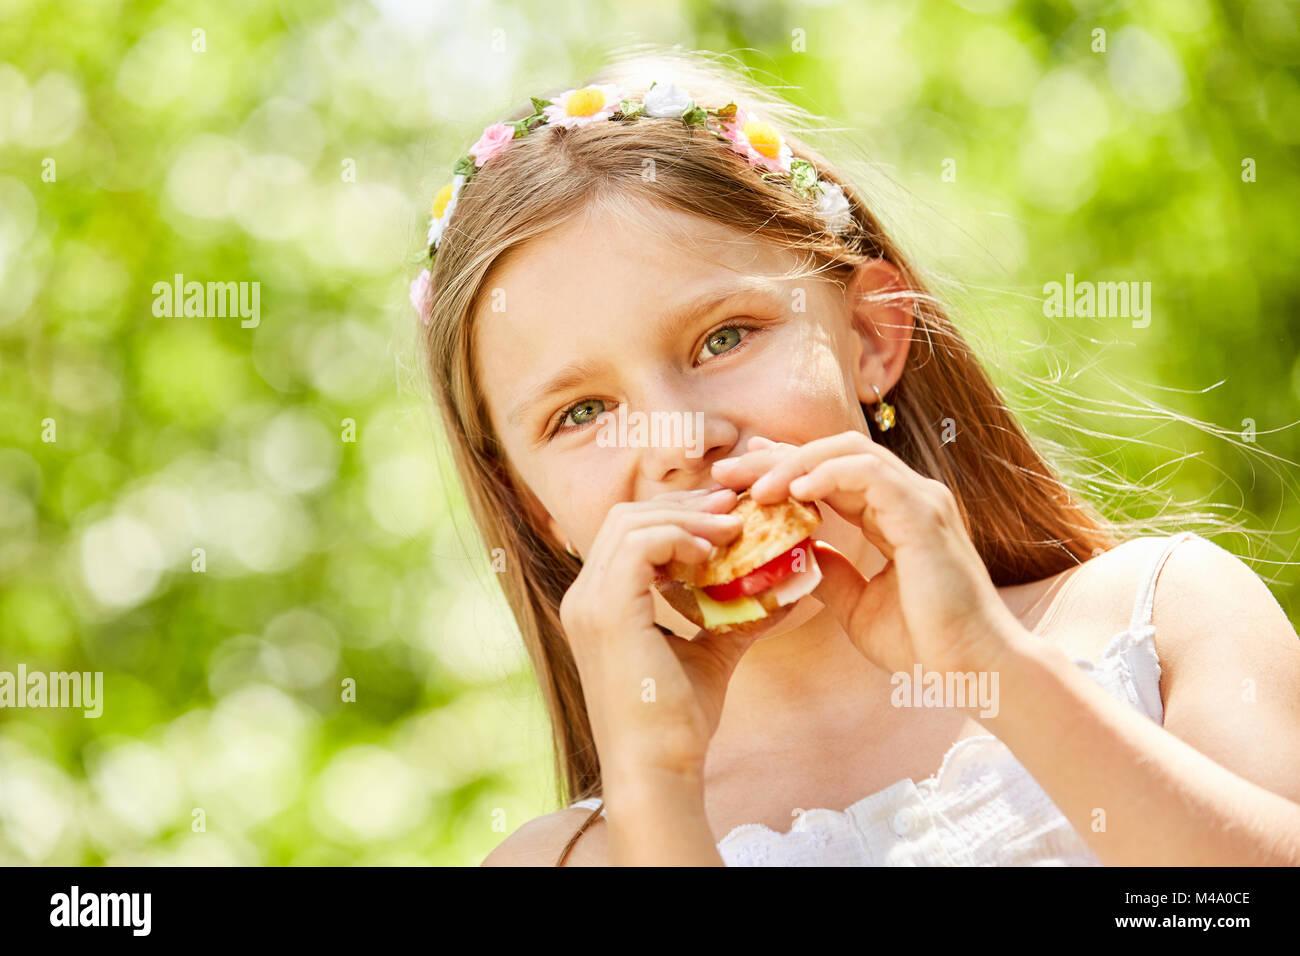 Fille avec des fleurs dans ses cheveux mange un pain baguette lors d'une fête Photo Stock